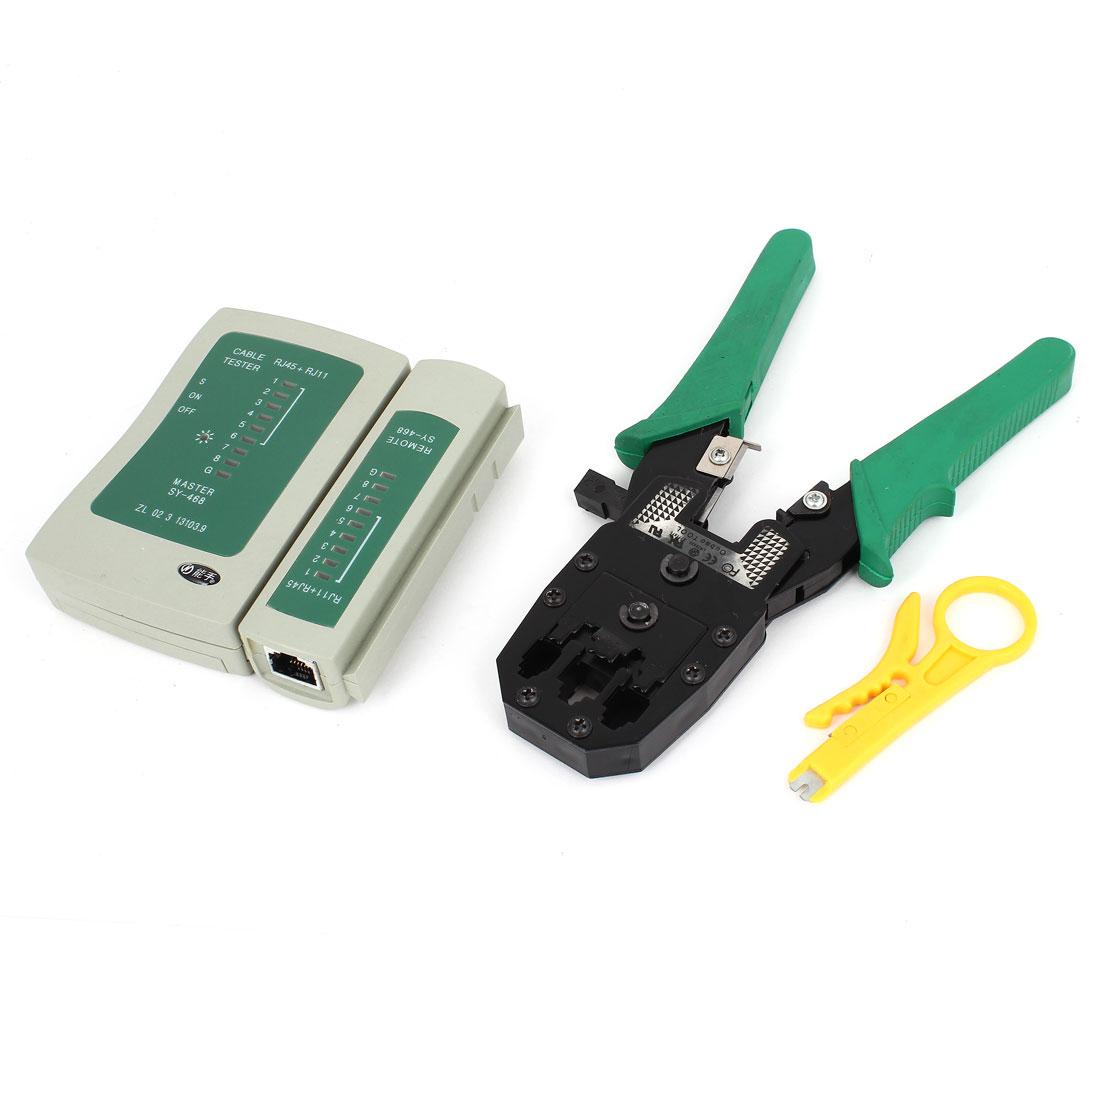 Network Tool Kit 6 in 1 Cable Tester + RJ45 RJ11 RJ9 Crimper + UTP Stripper